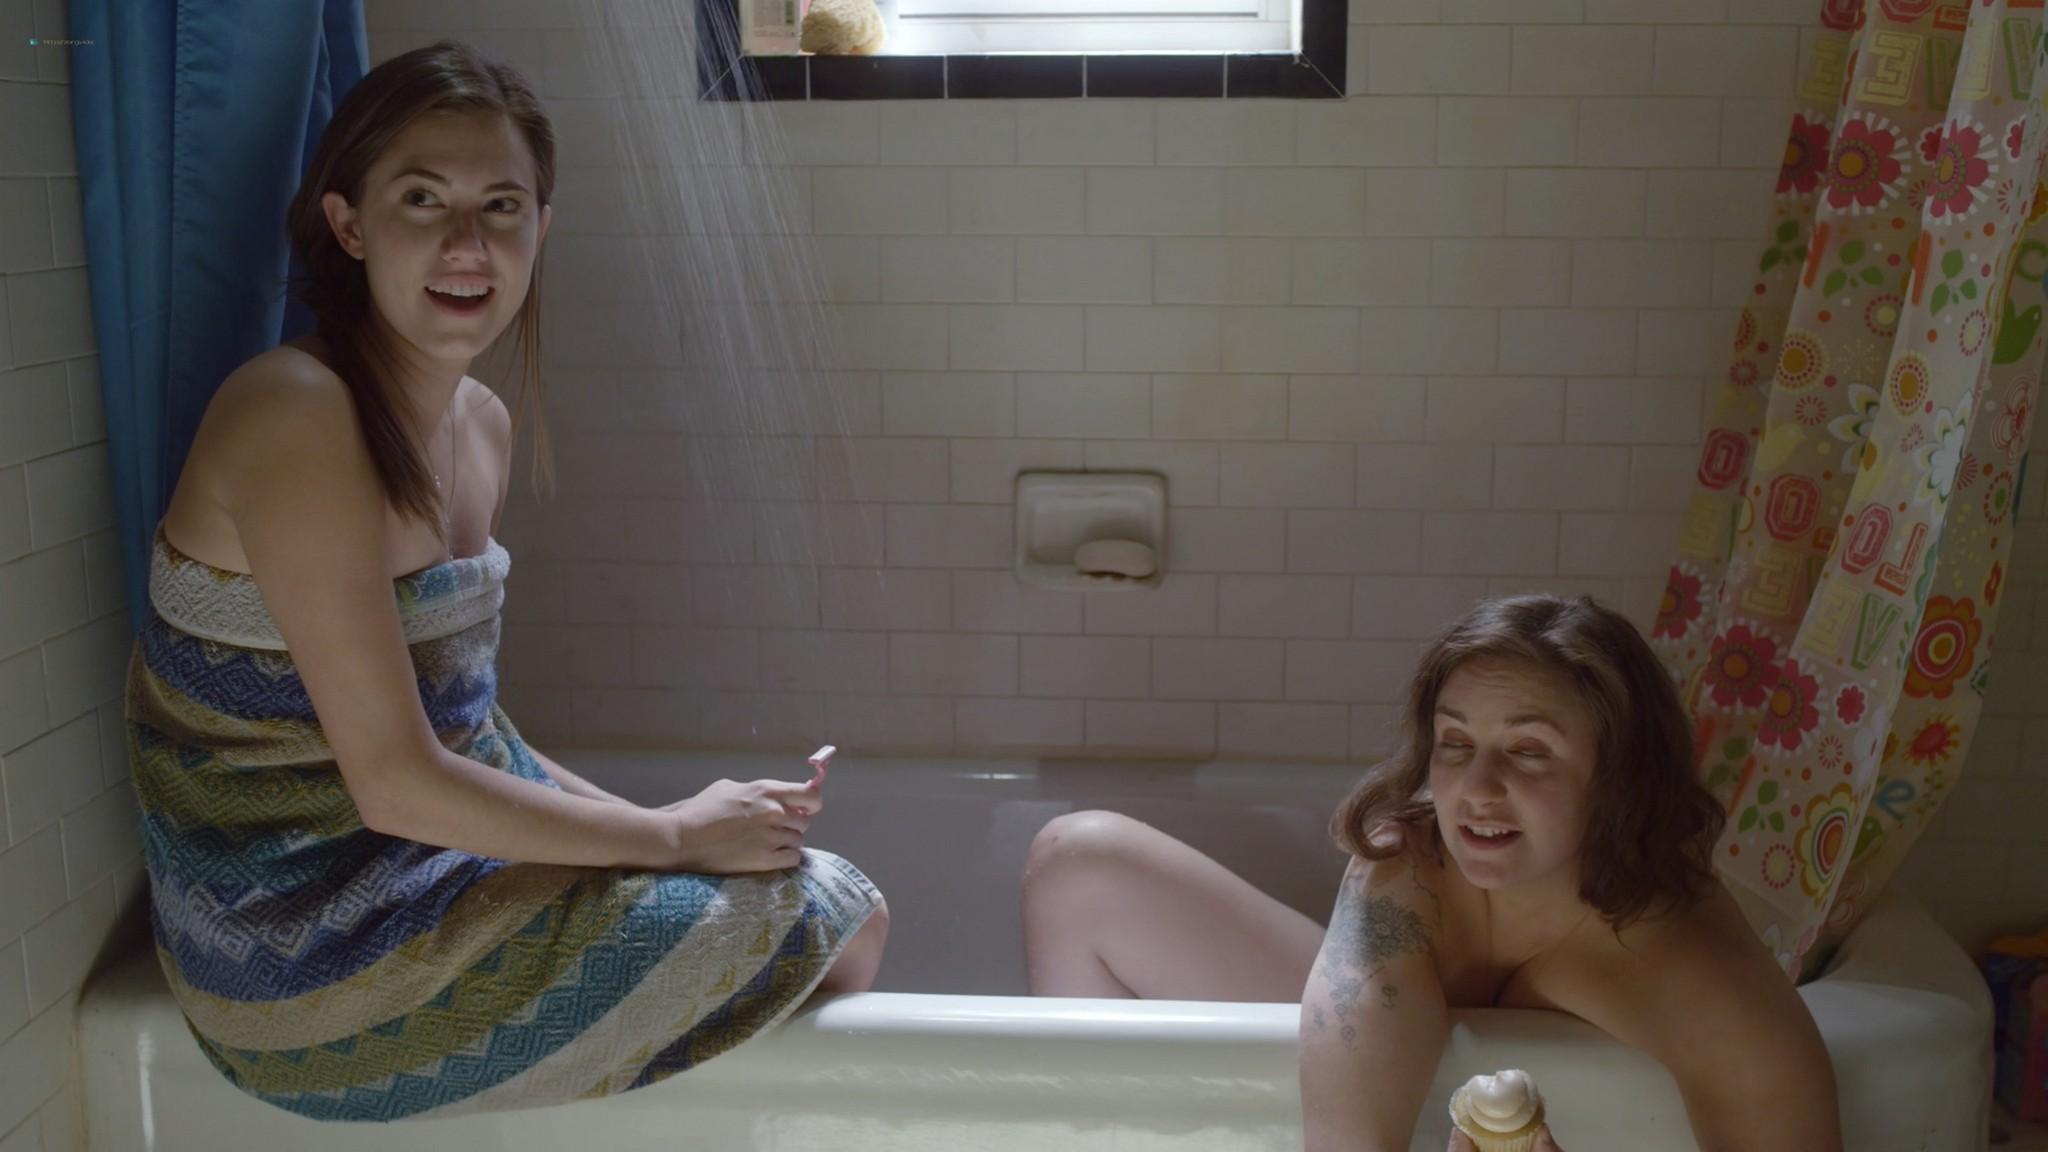 Allison Williams sex doggy style Lena Dunham nude Girls 2012 s1e1 2 1080p Web 2